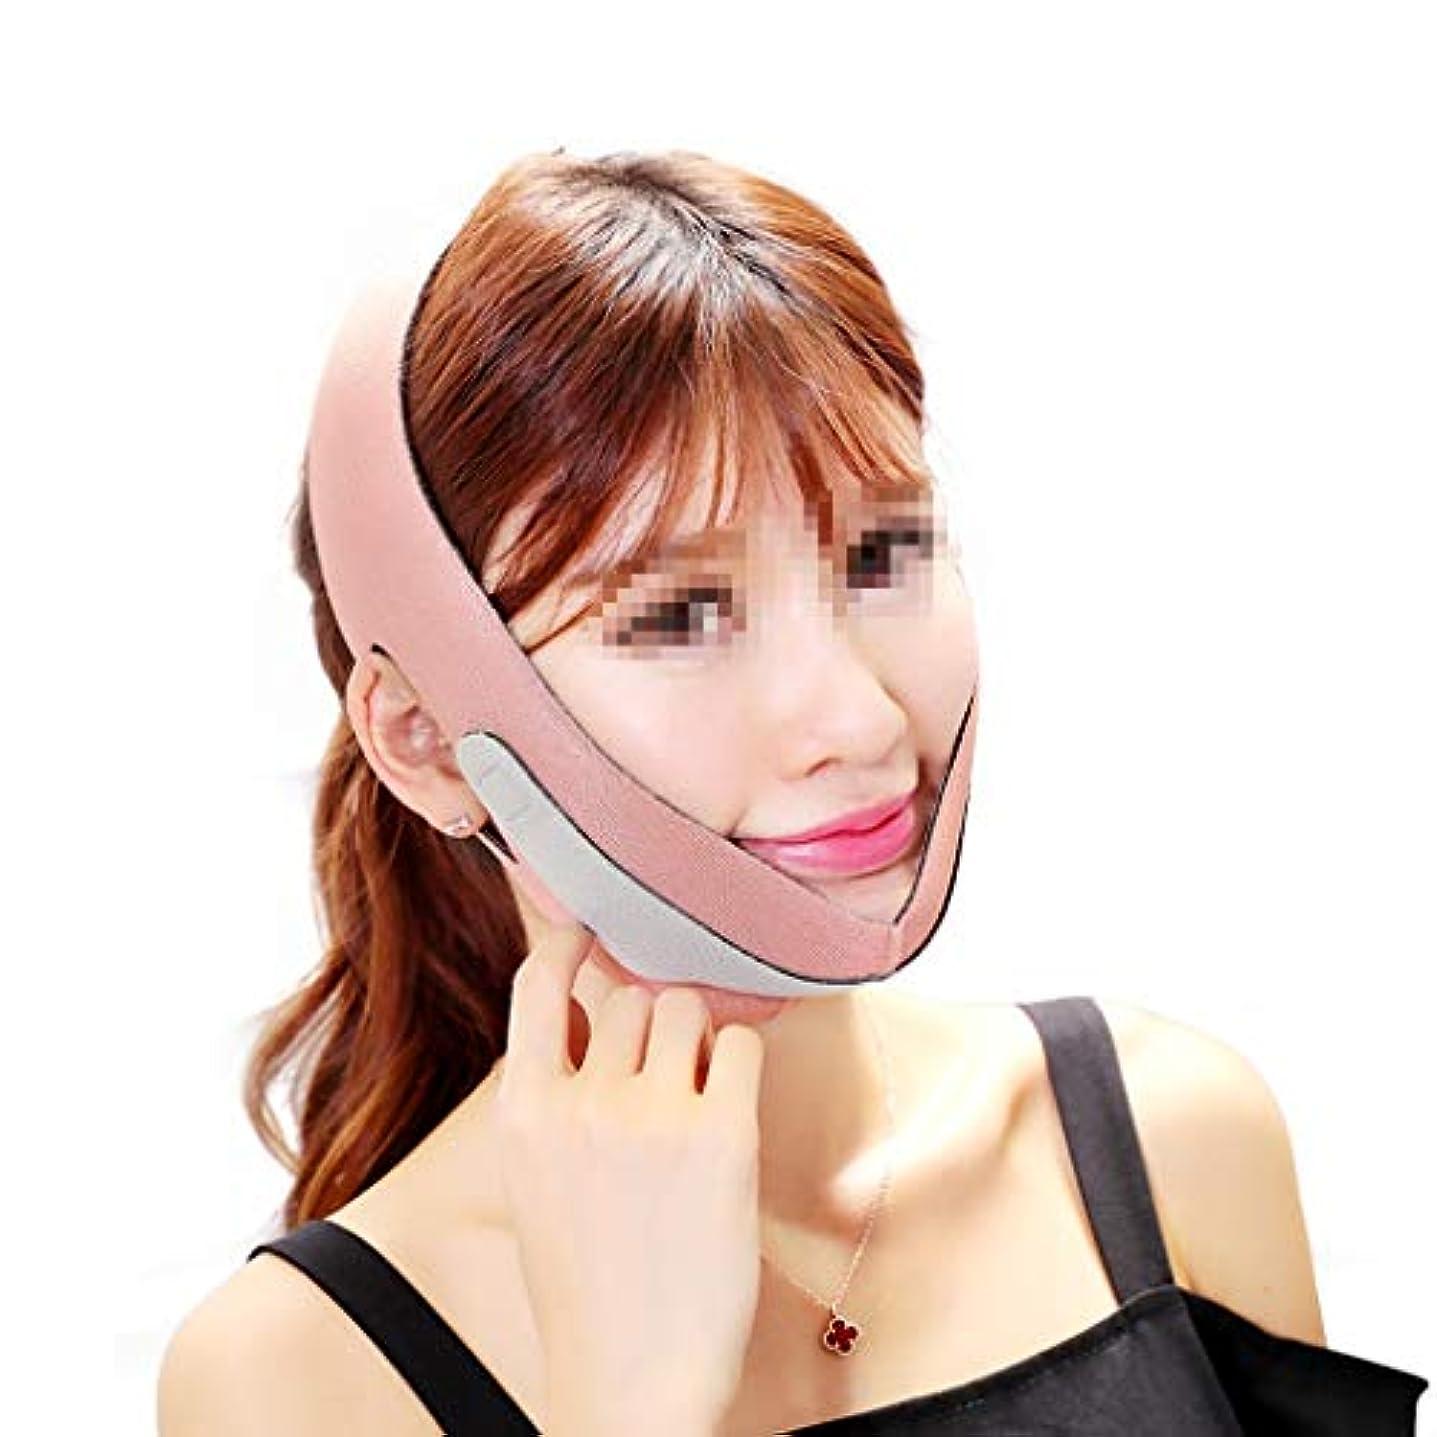 ご意見いらいらさせるレーニン主義XHLMRMJ フェイスリフトマスク、小さなVフェイス睡眠包帯マスクシンダブルチンリフト引き締め肌